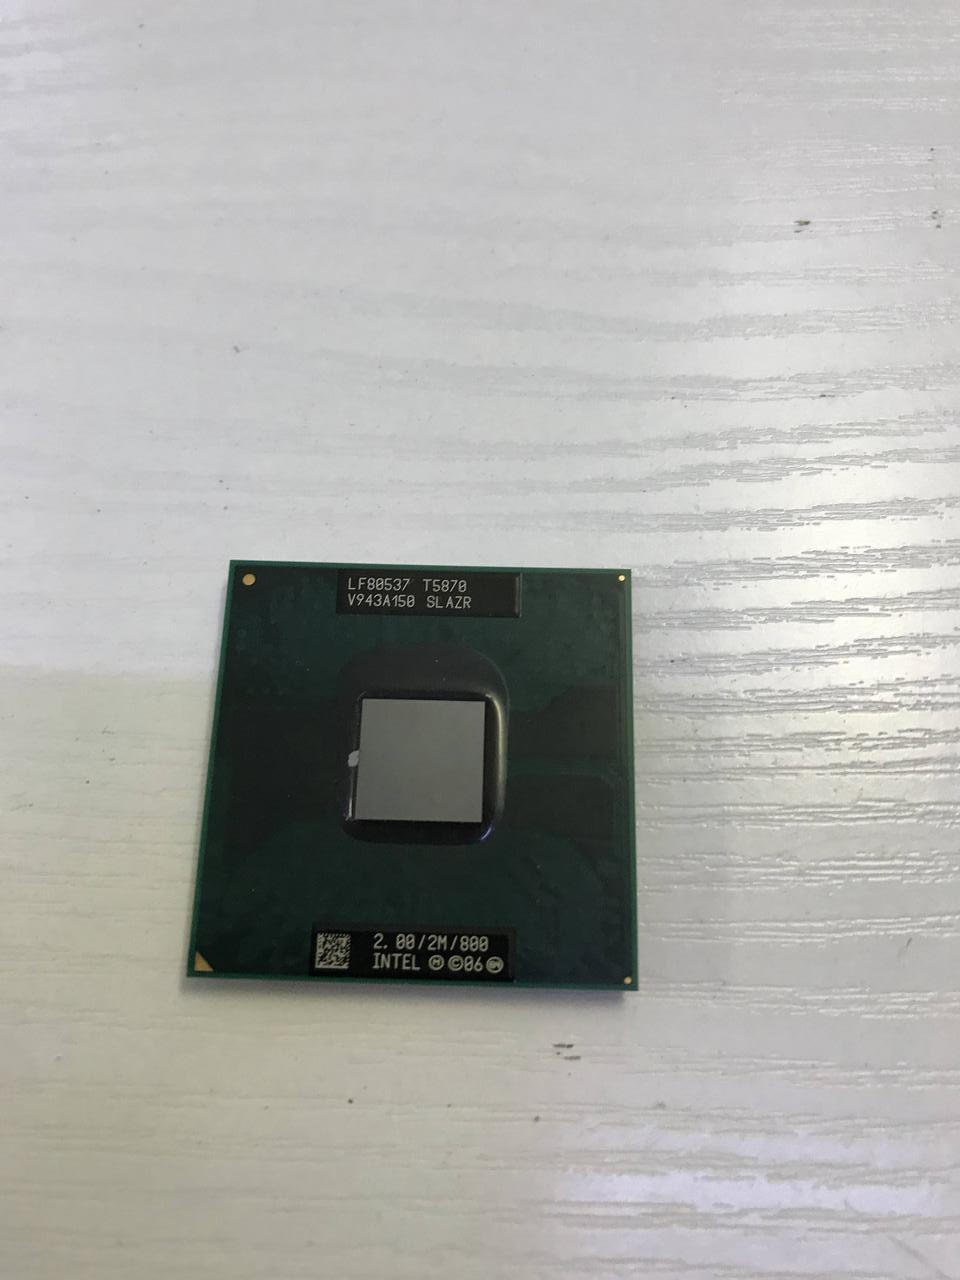 Процессор Intel Pentium T5870 - SLAZR - рабочий и исправный. Гарантия 1 месяц